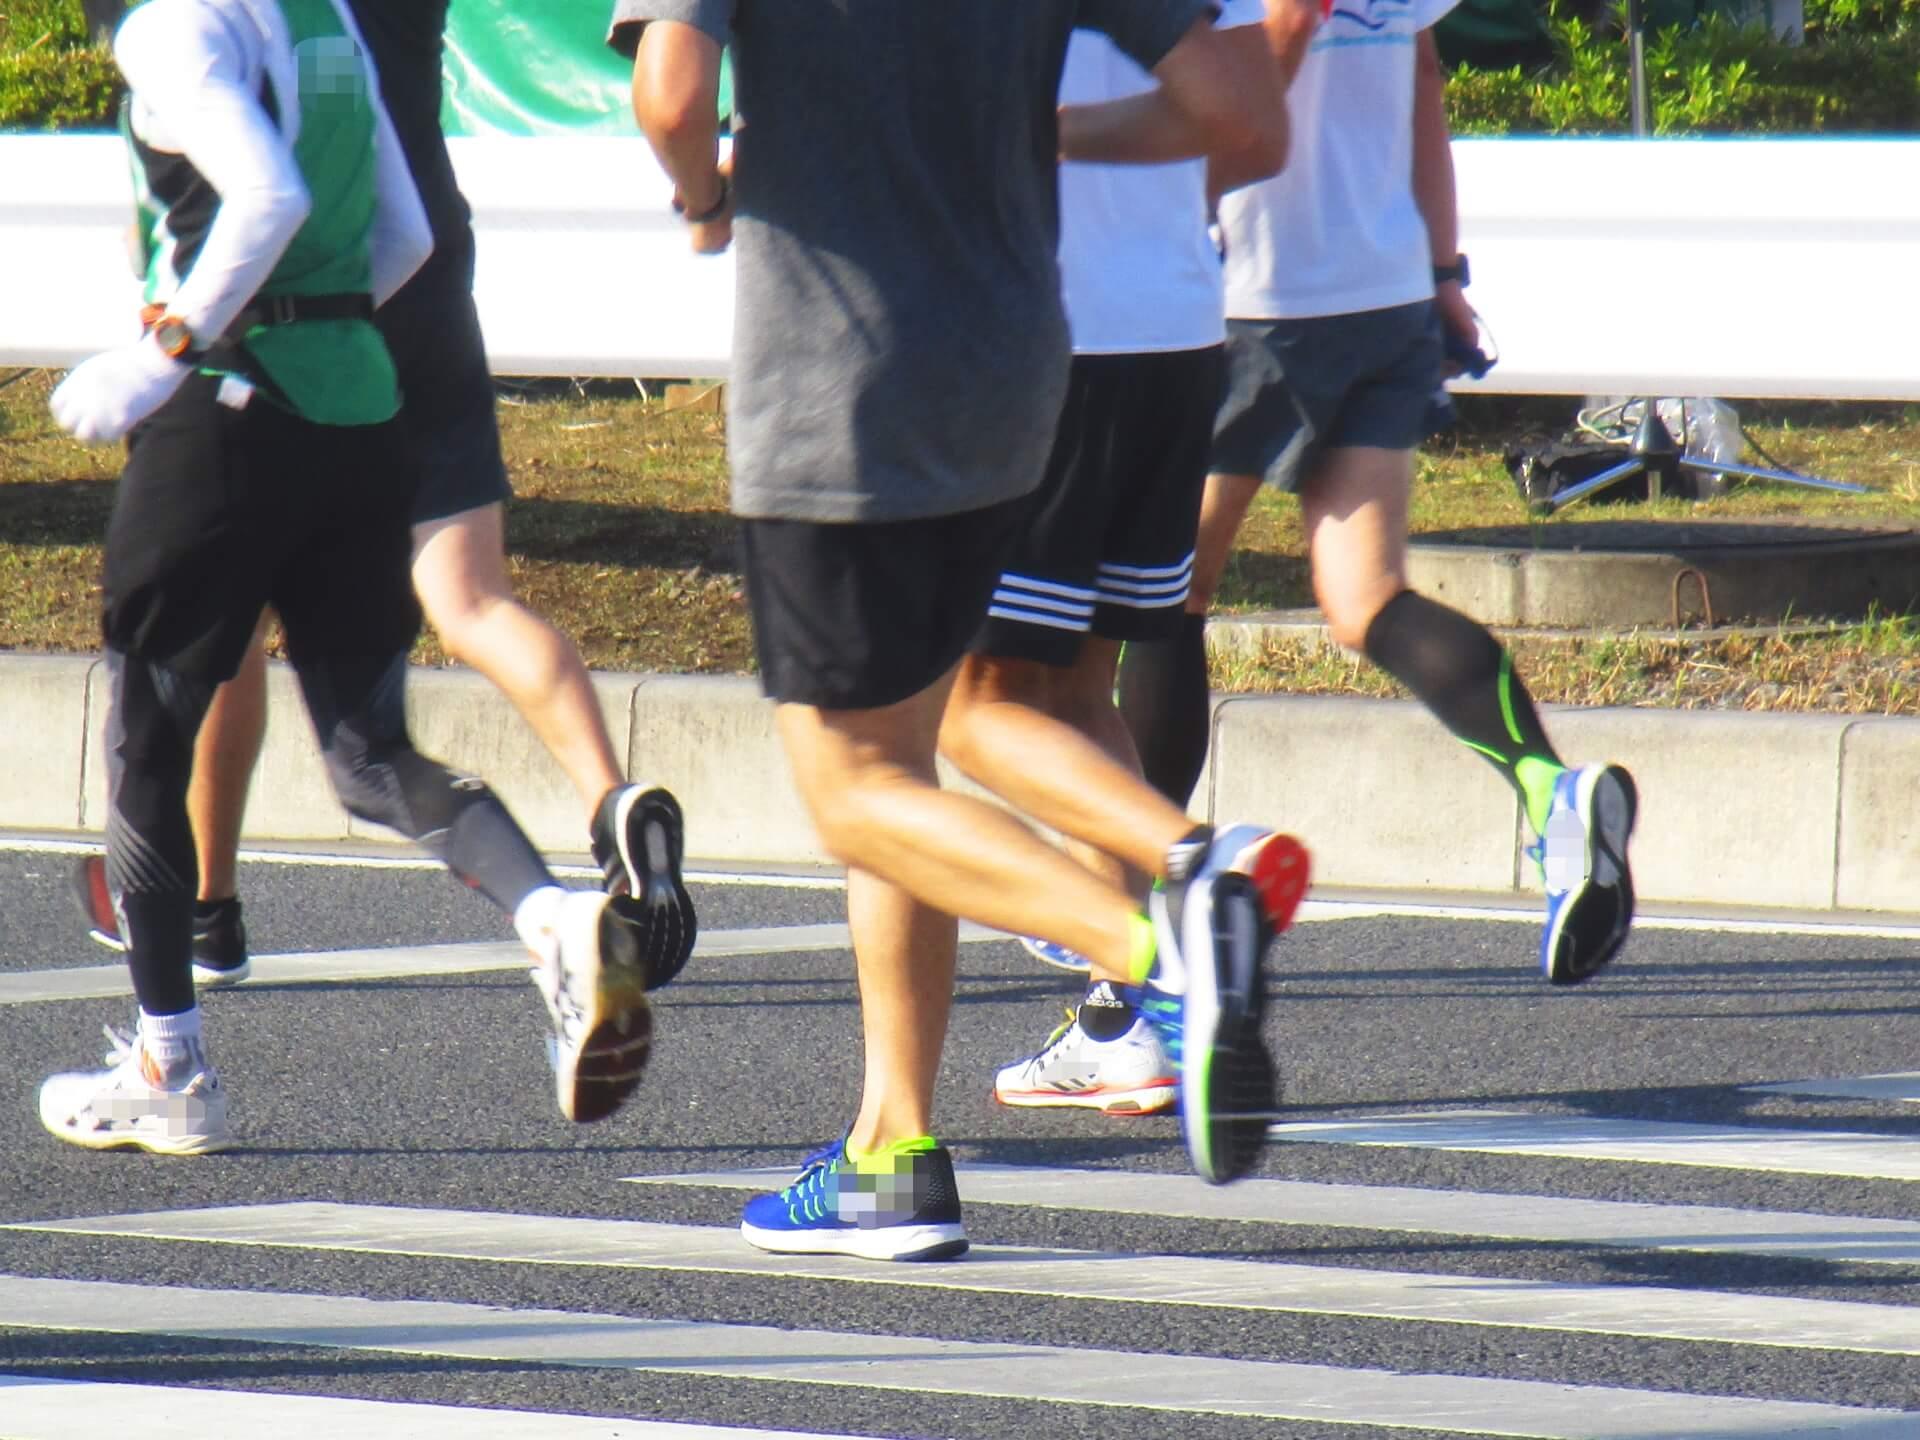 マラソンのシューズはどう選ぶのが正解?